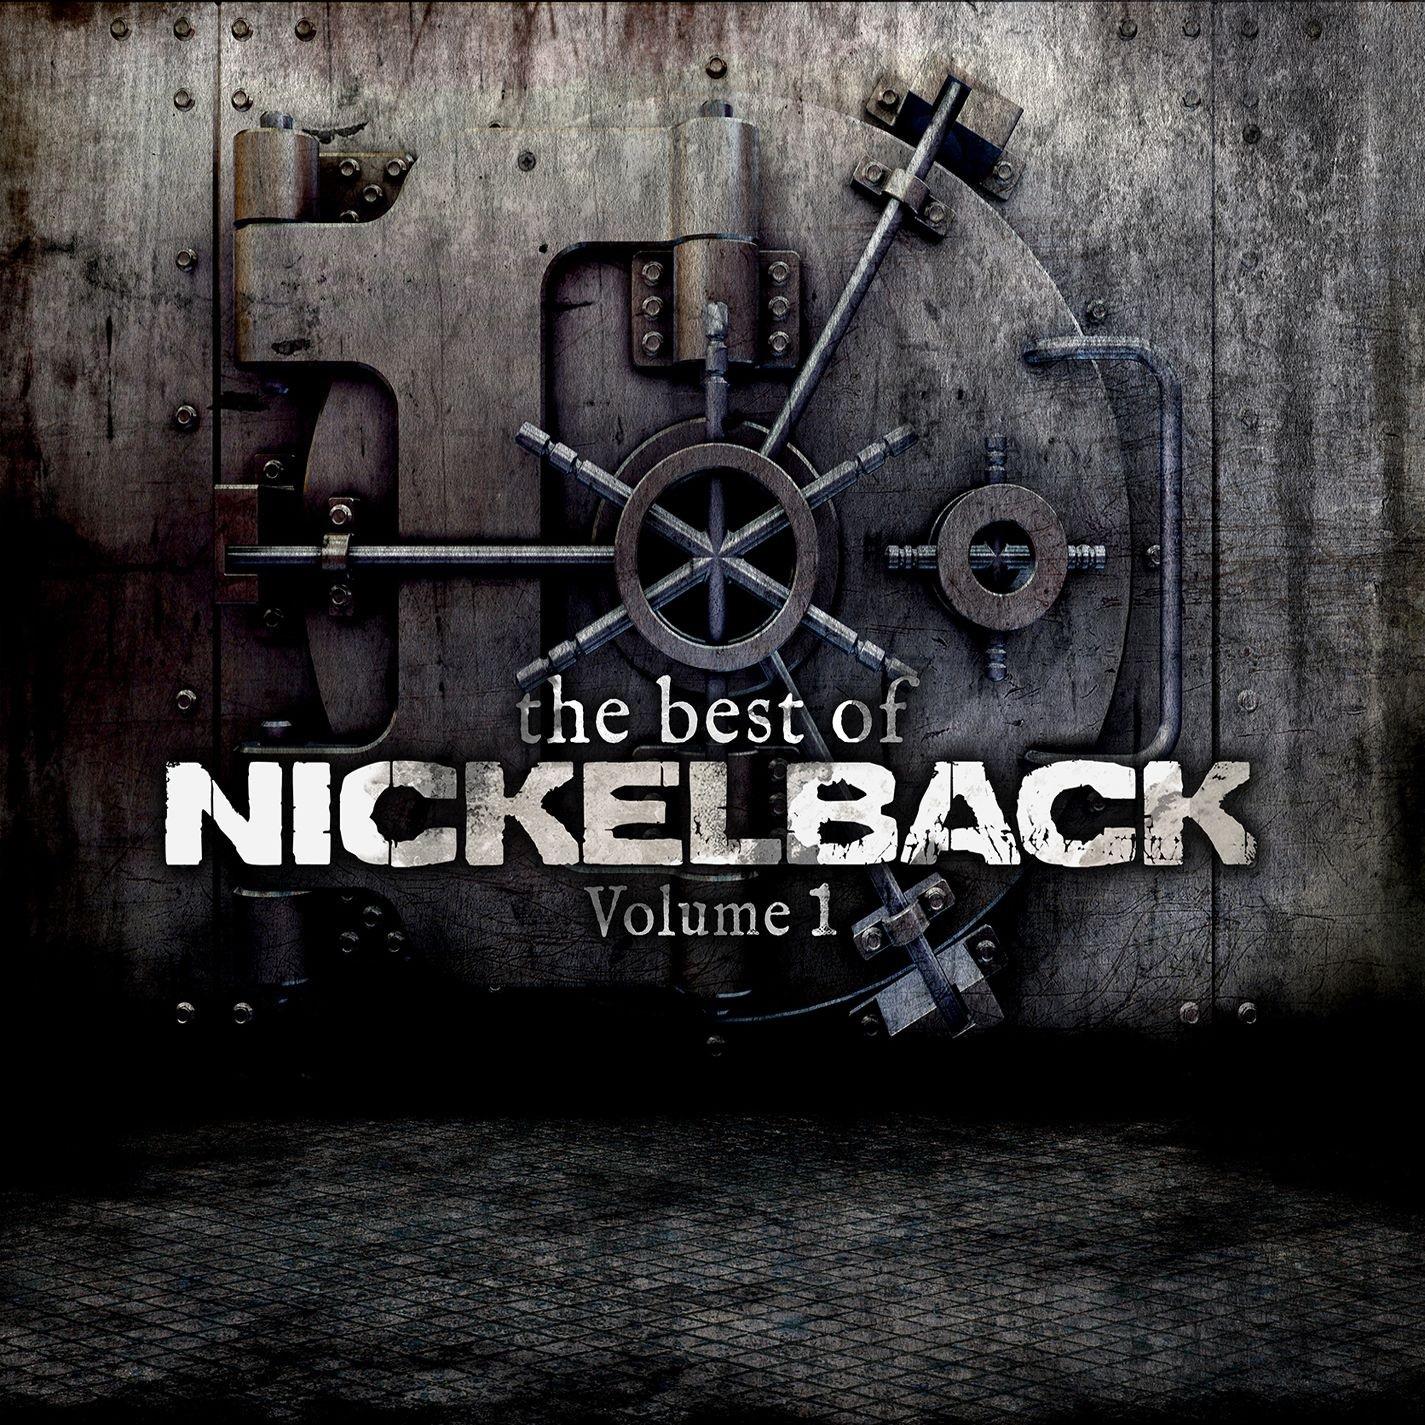 Nickelback. The Best Of Nickelback. Vol. 1 (2 LP)Представляем вашему вниманию альбом Nickelback. The Best Of Nickelback. Vol. 1, сборник главных хитов знаменитой канадской рок-группы на эксклюзивном виниле.<br>